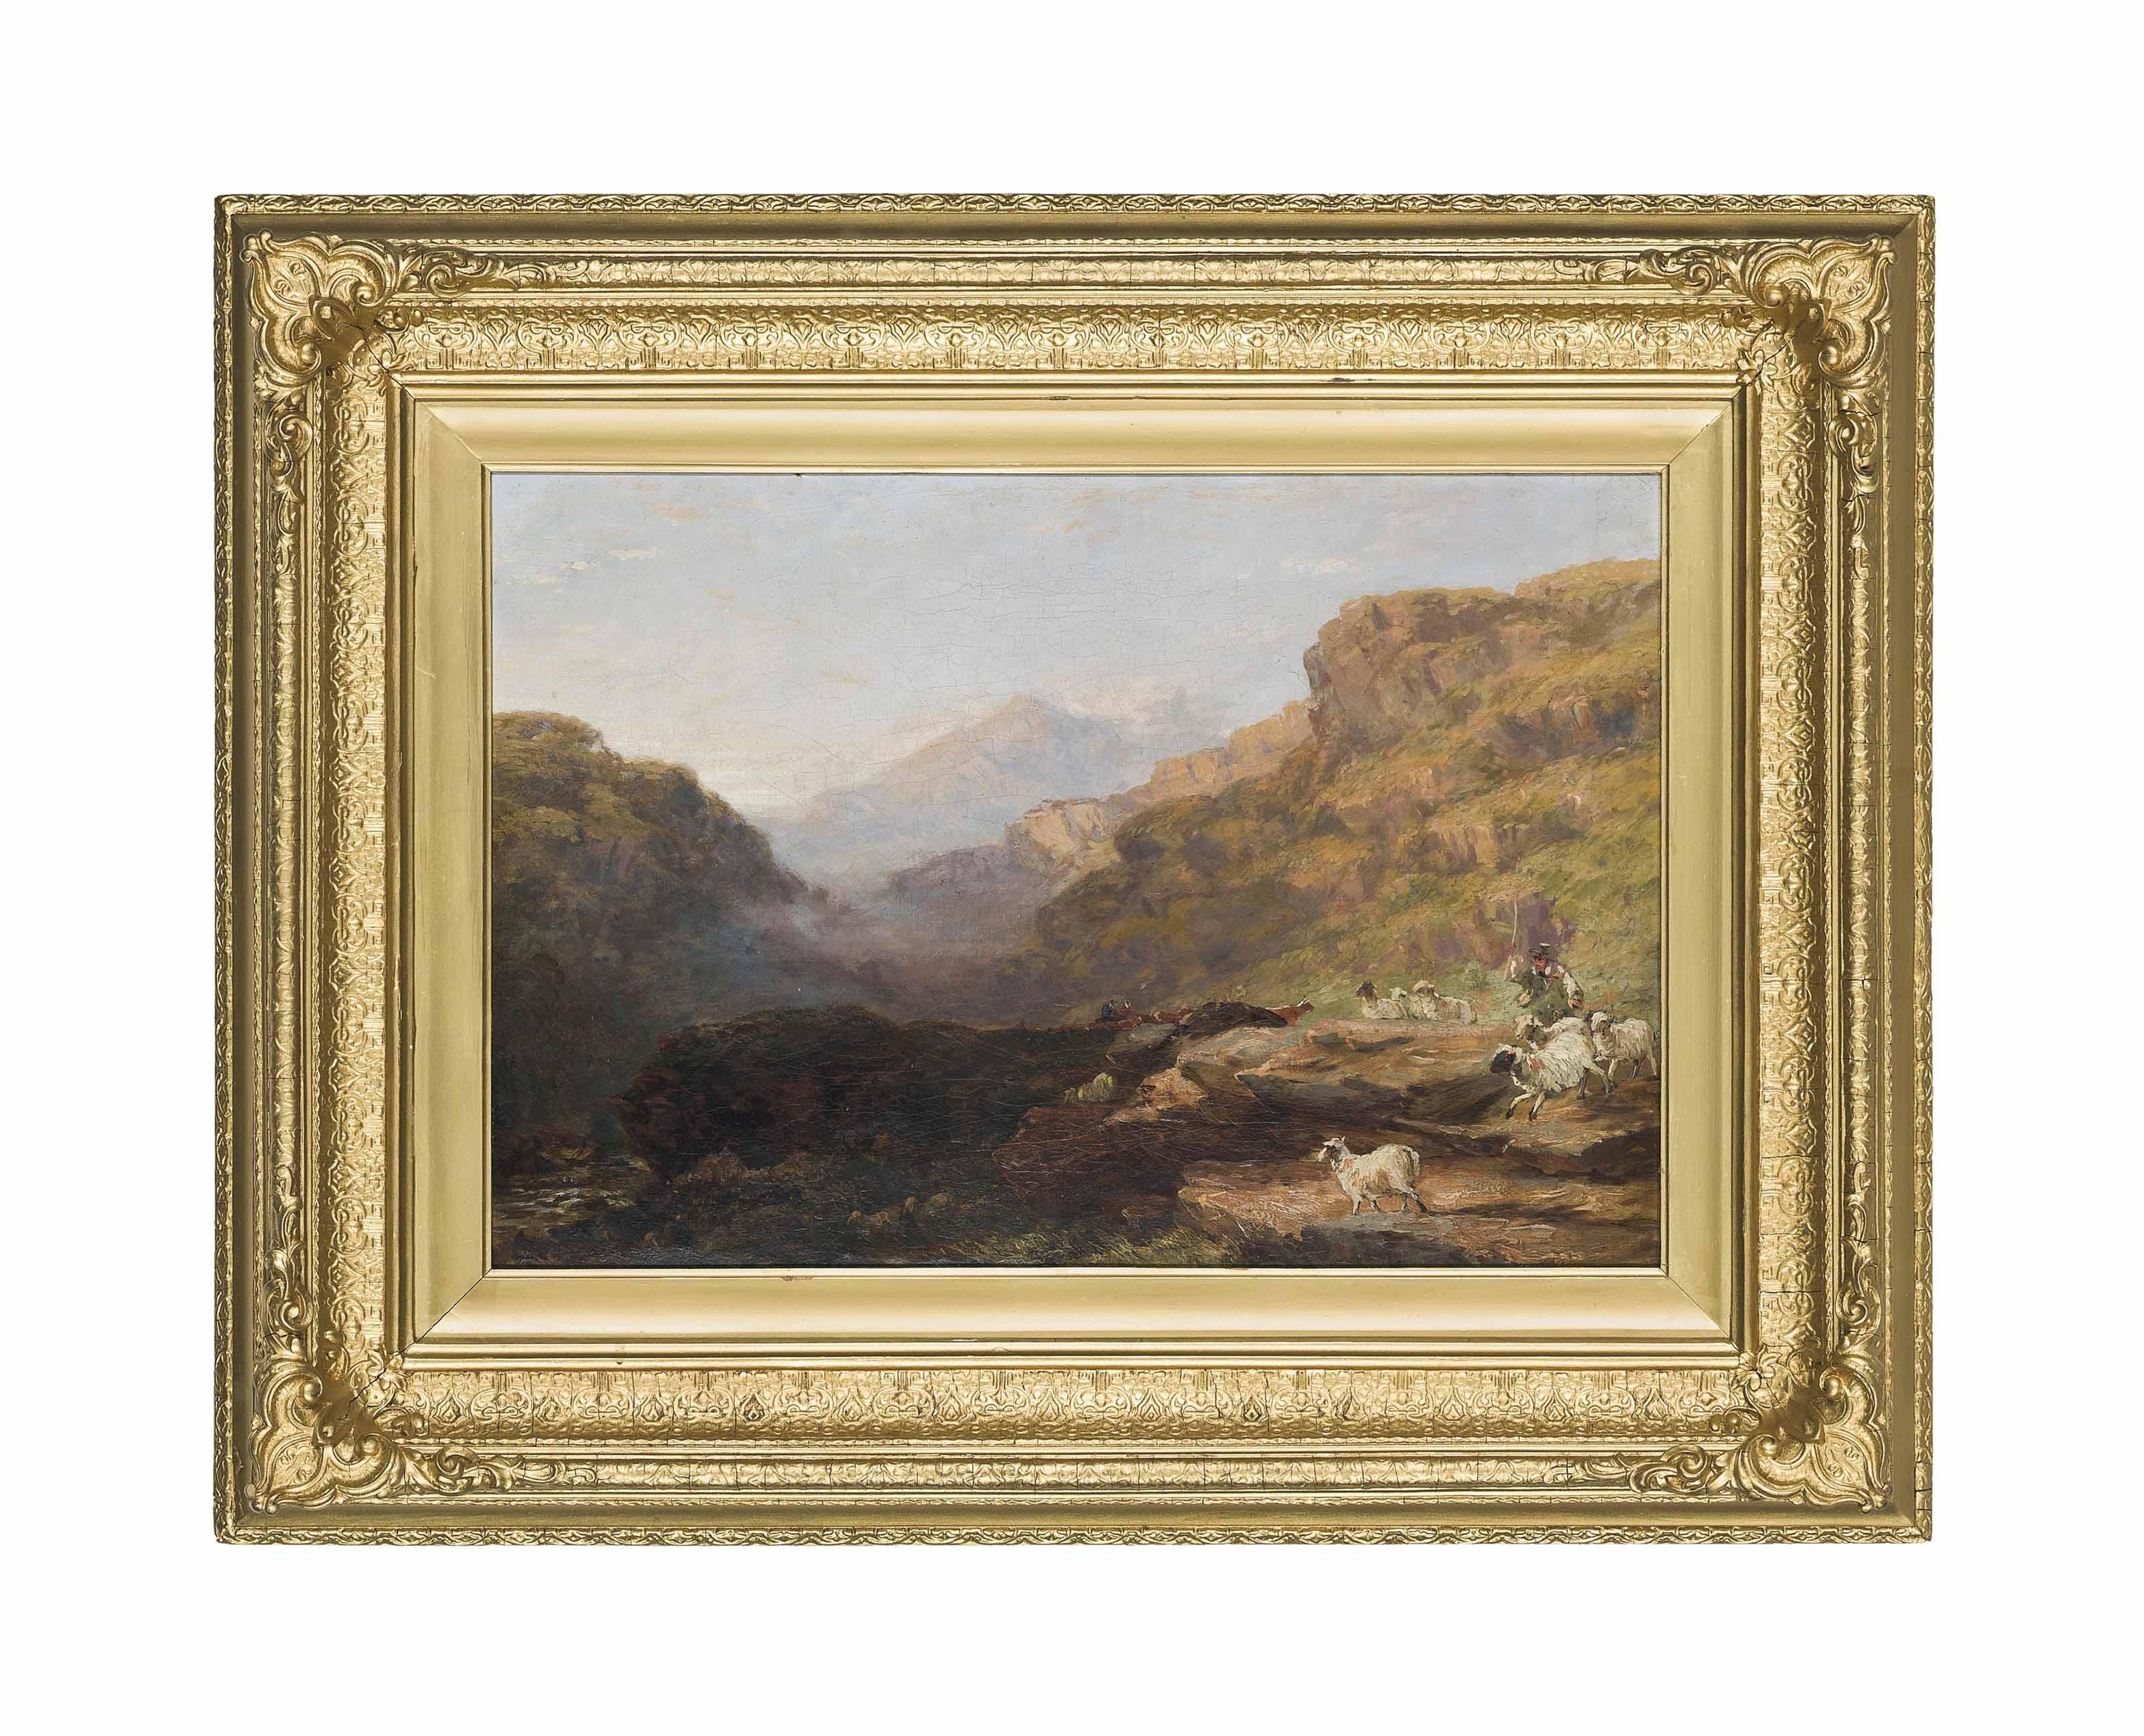 David Cox, A.R.W.S (1809-1885)